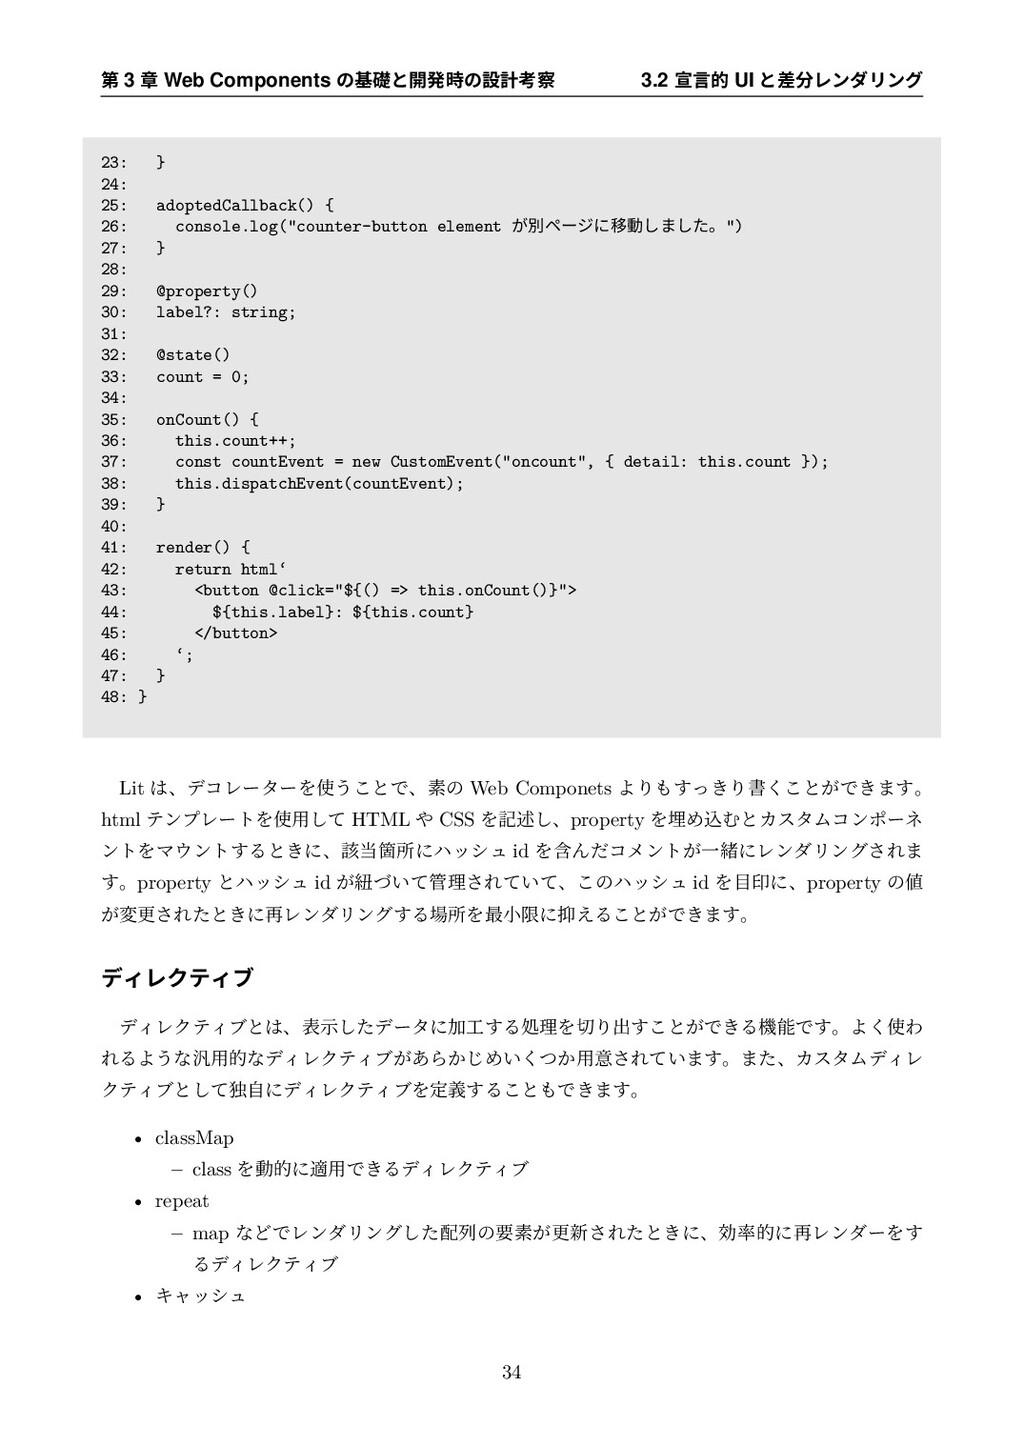 ୈ 3 ষ Web Components ͷجૅͱ։ൃͷઃܭߟ 3.2 એݴత UI ͱࠩ...